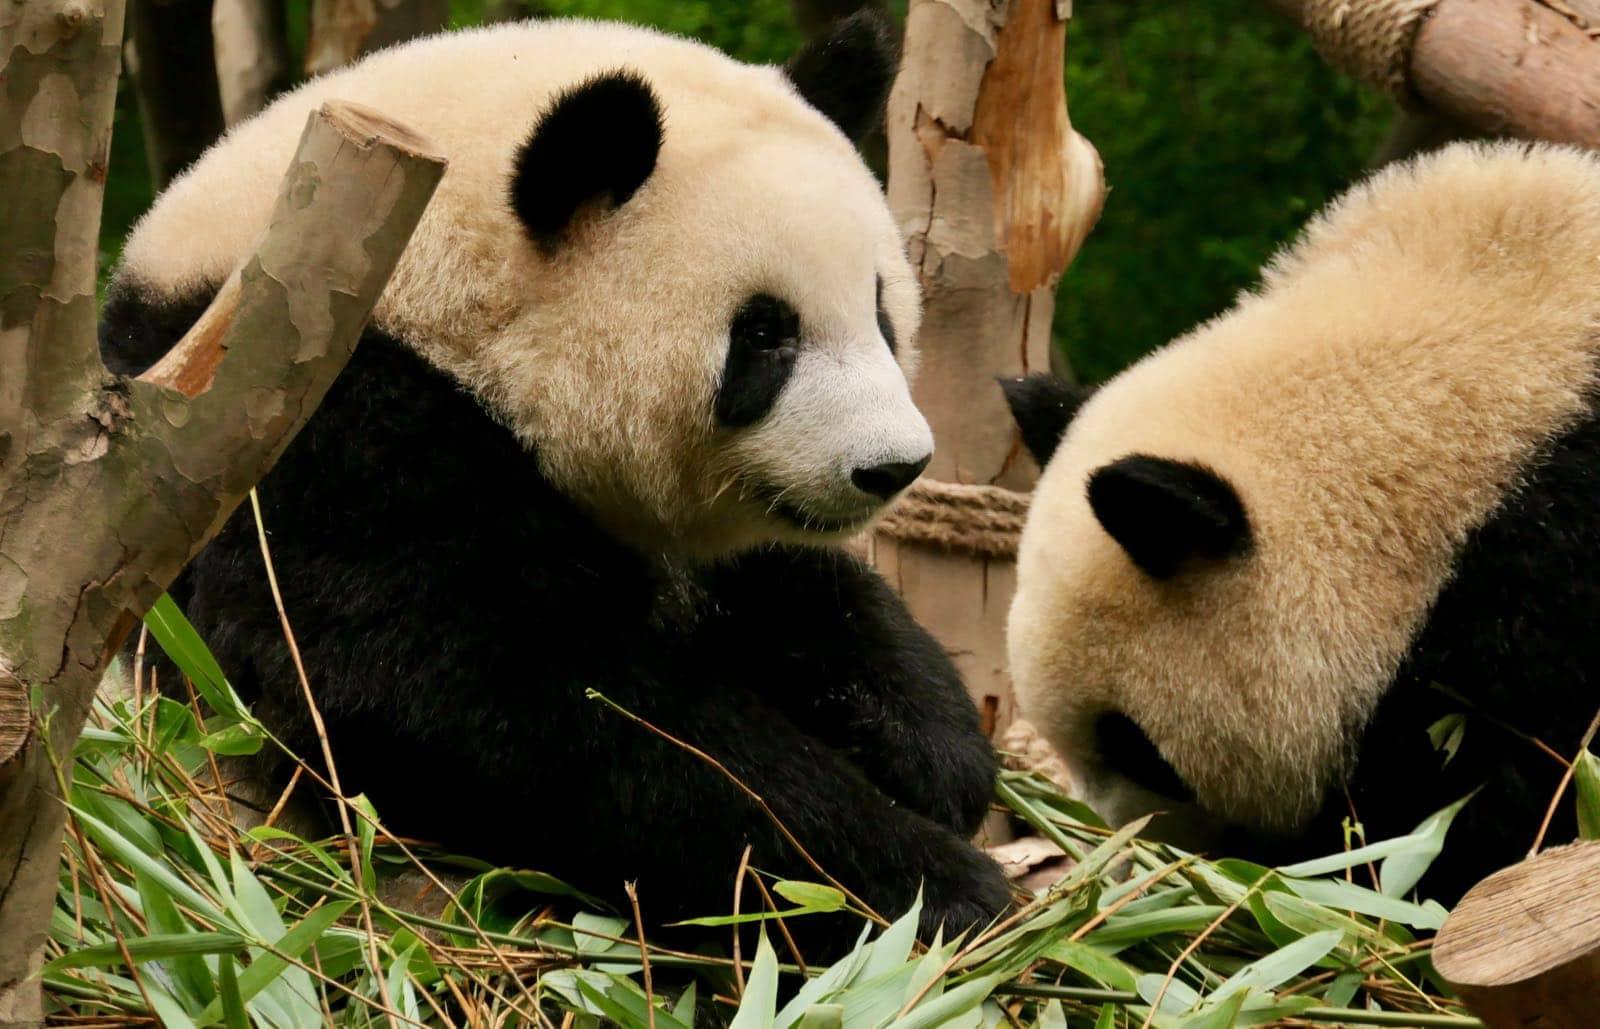 Panda buddies betternotstop Chengdu China